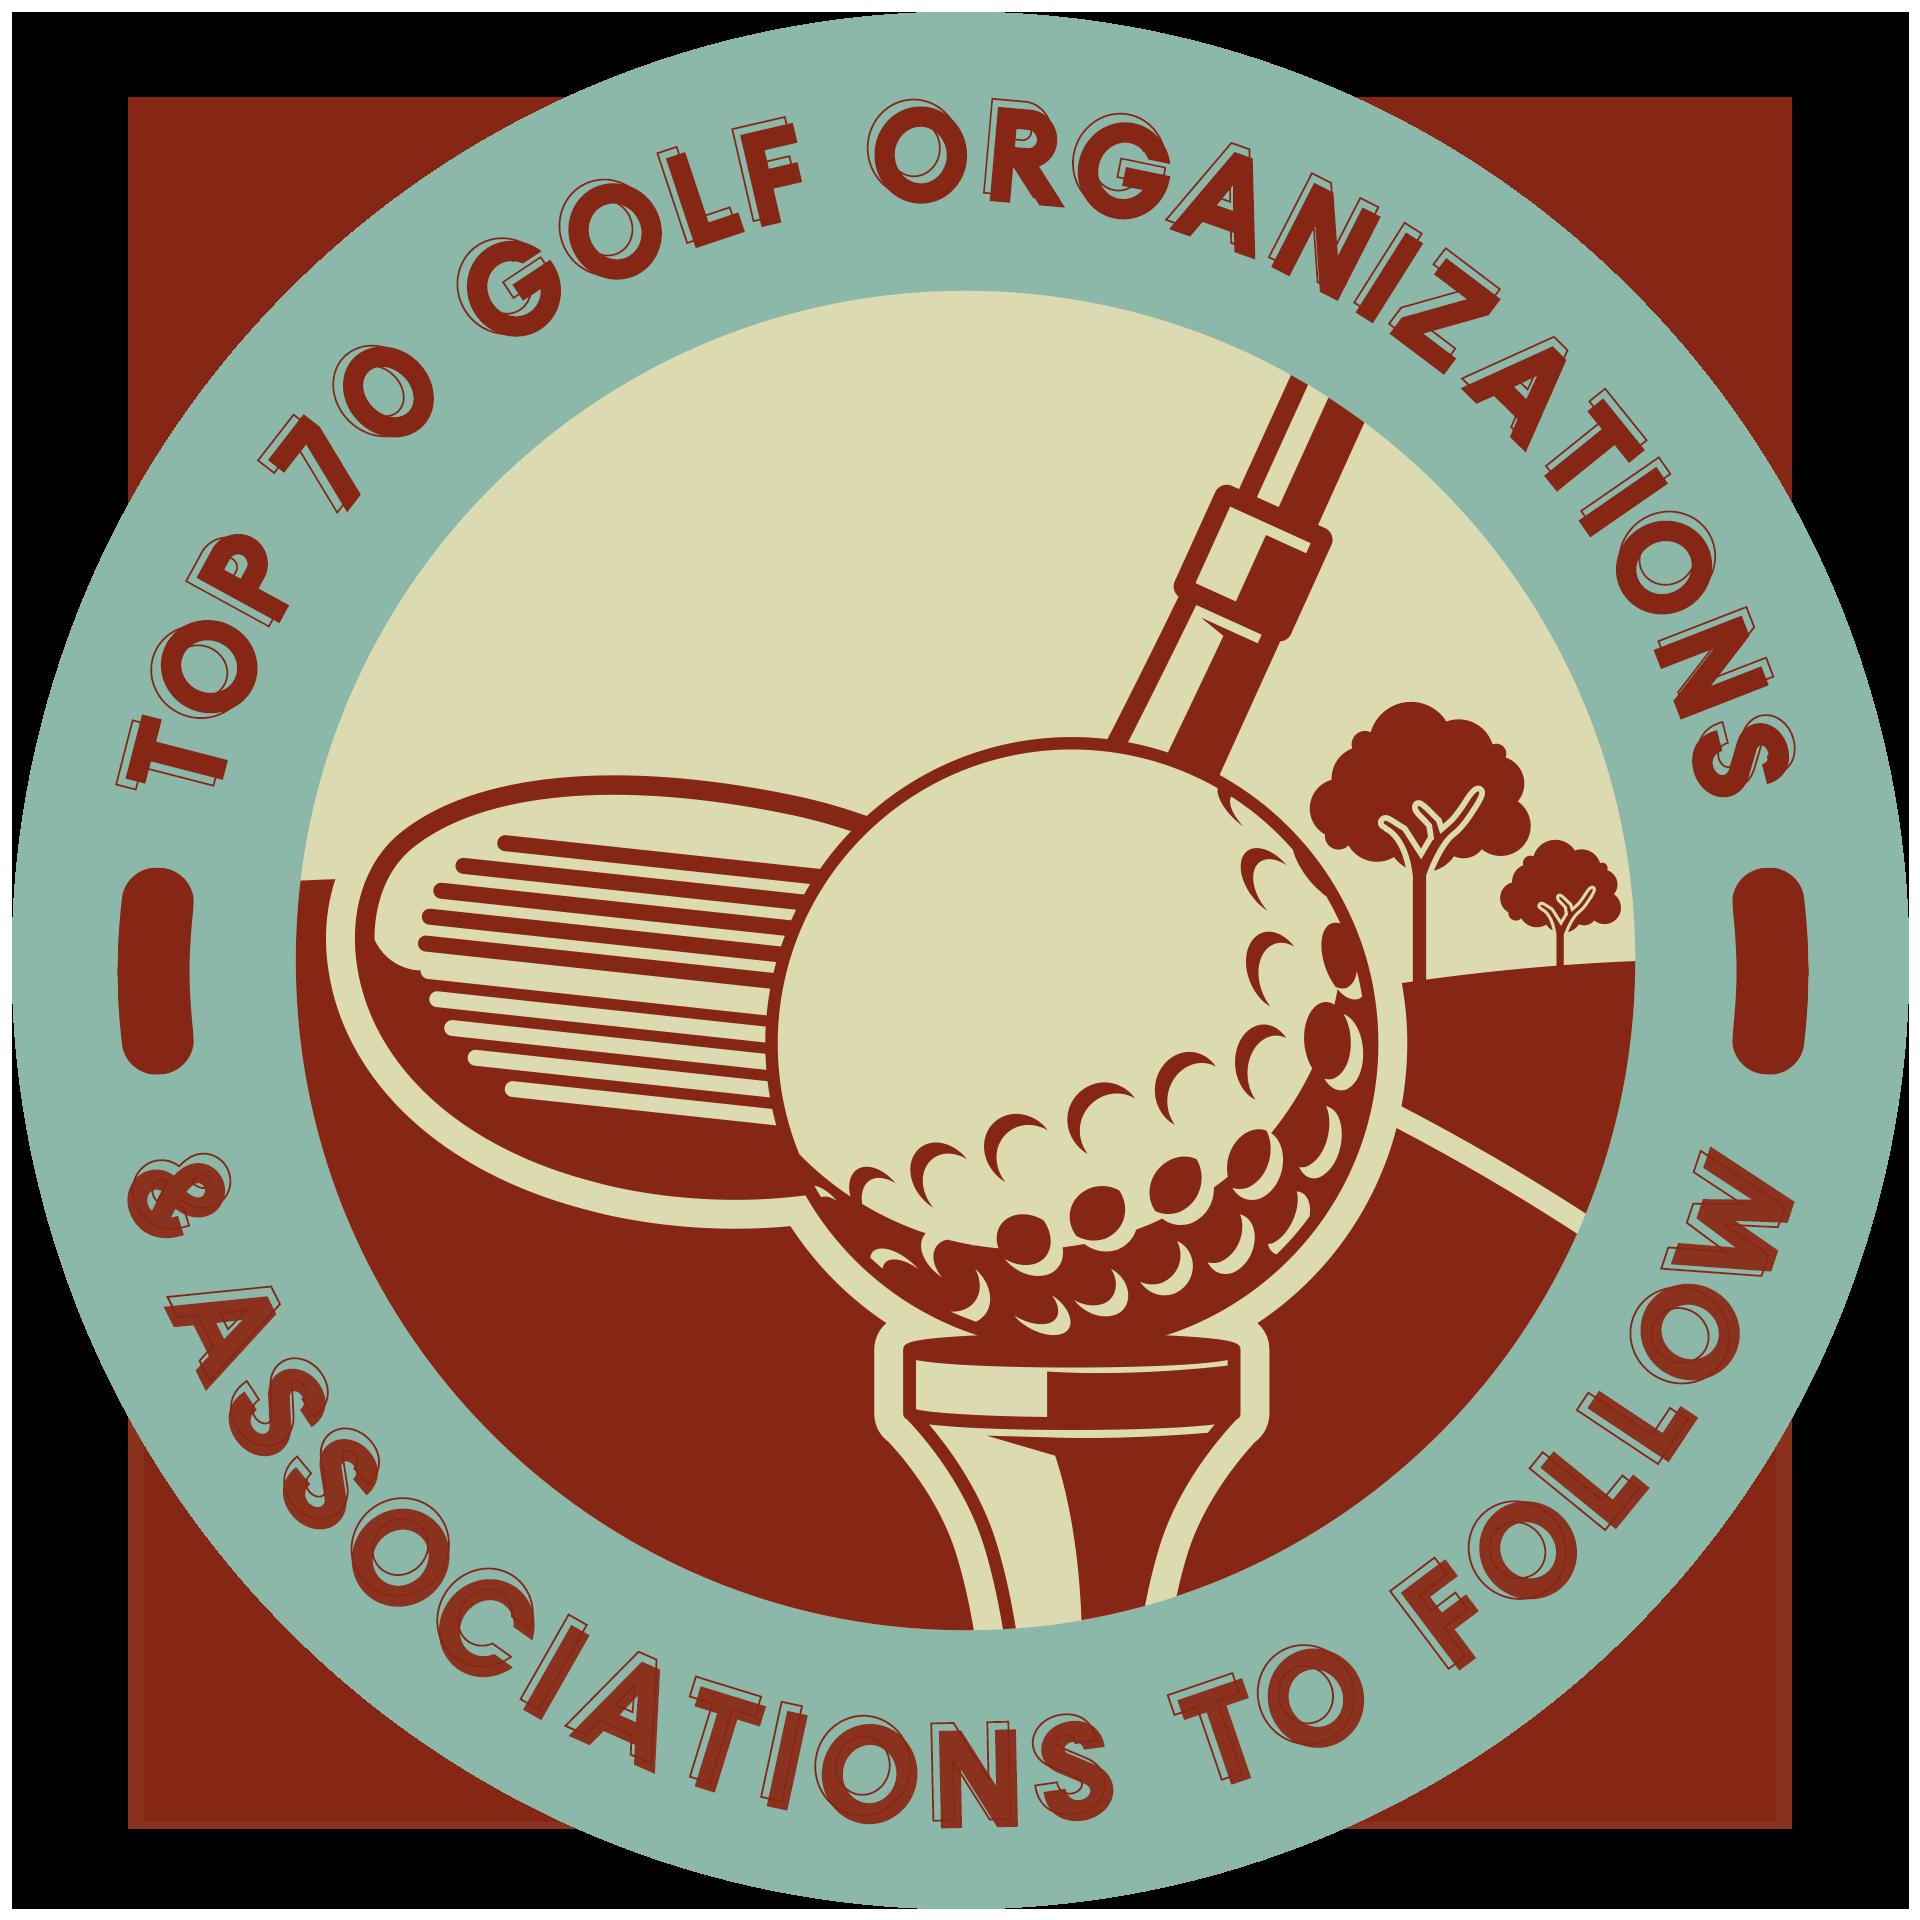 Top Golf Cart Garage Organization and Associations